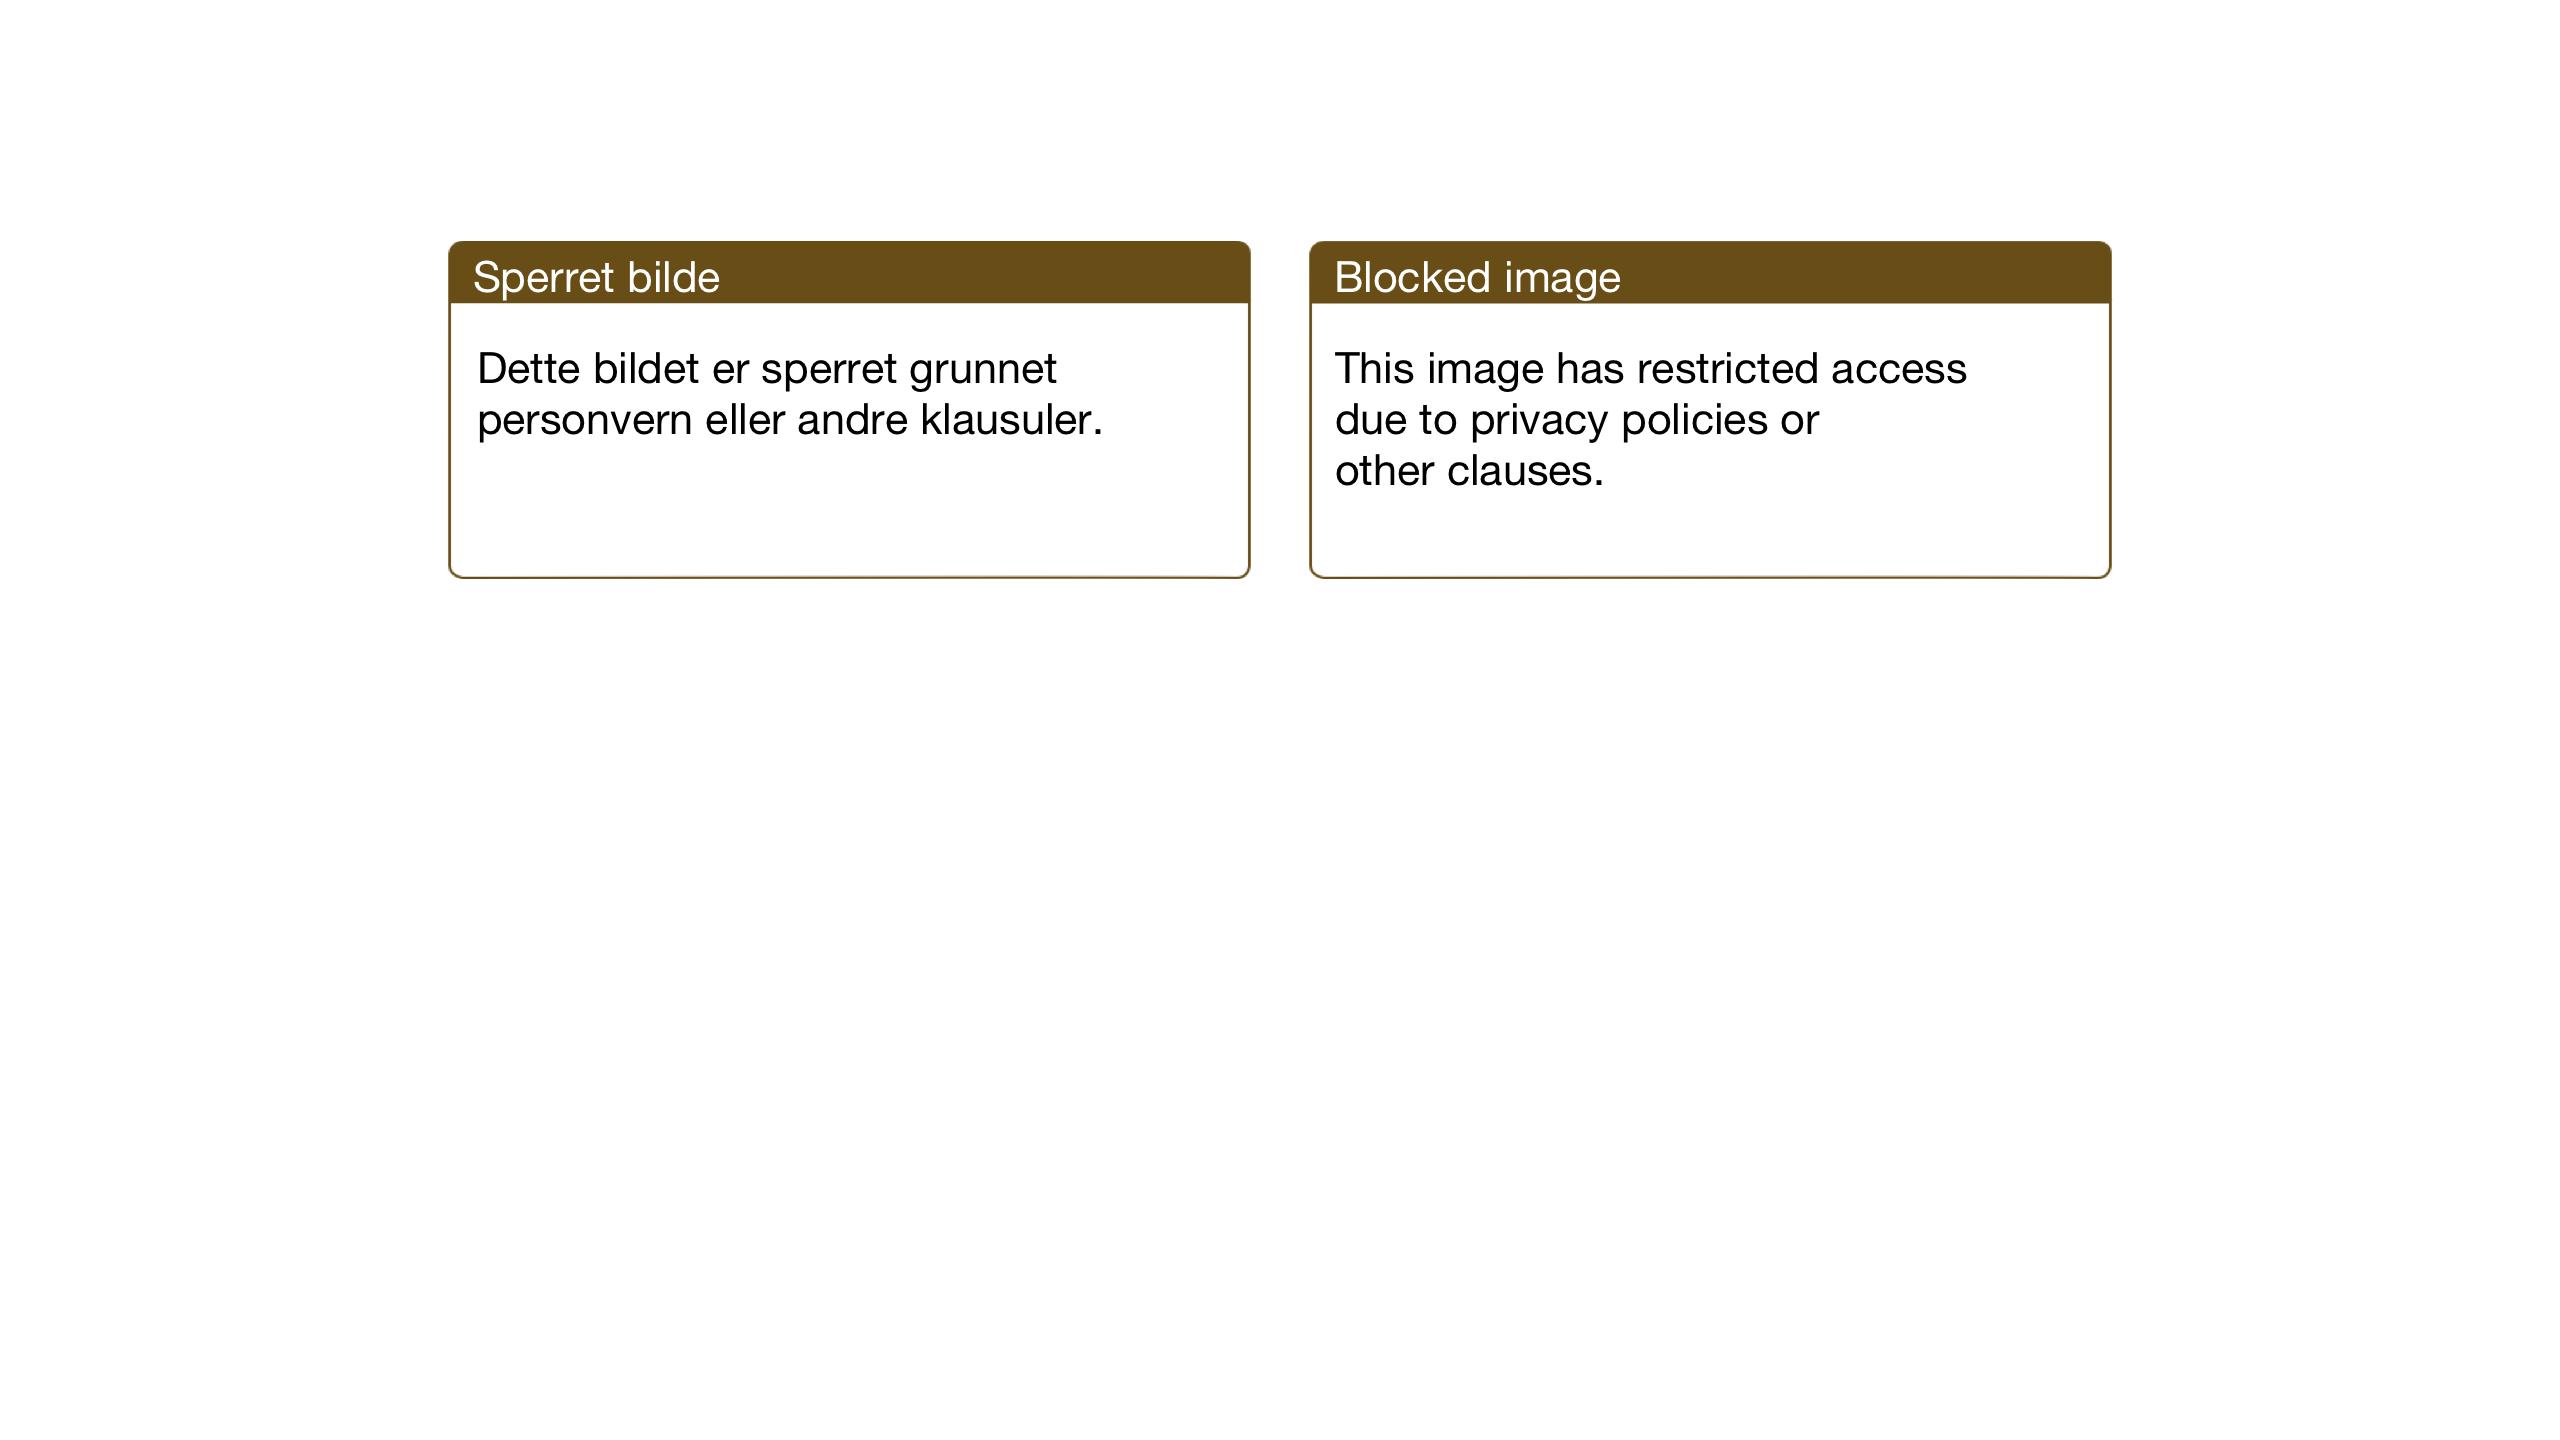 SAT, Ministerialprotokoller, klokkerbøker og fødselsregistre - Nord-Trøndelag, 710/L0097: Klokkerbok nr. 710C02, 1925-1955, s. 105